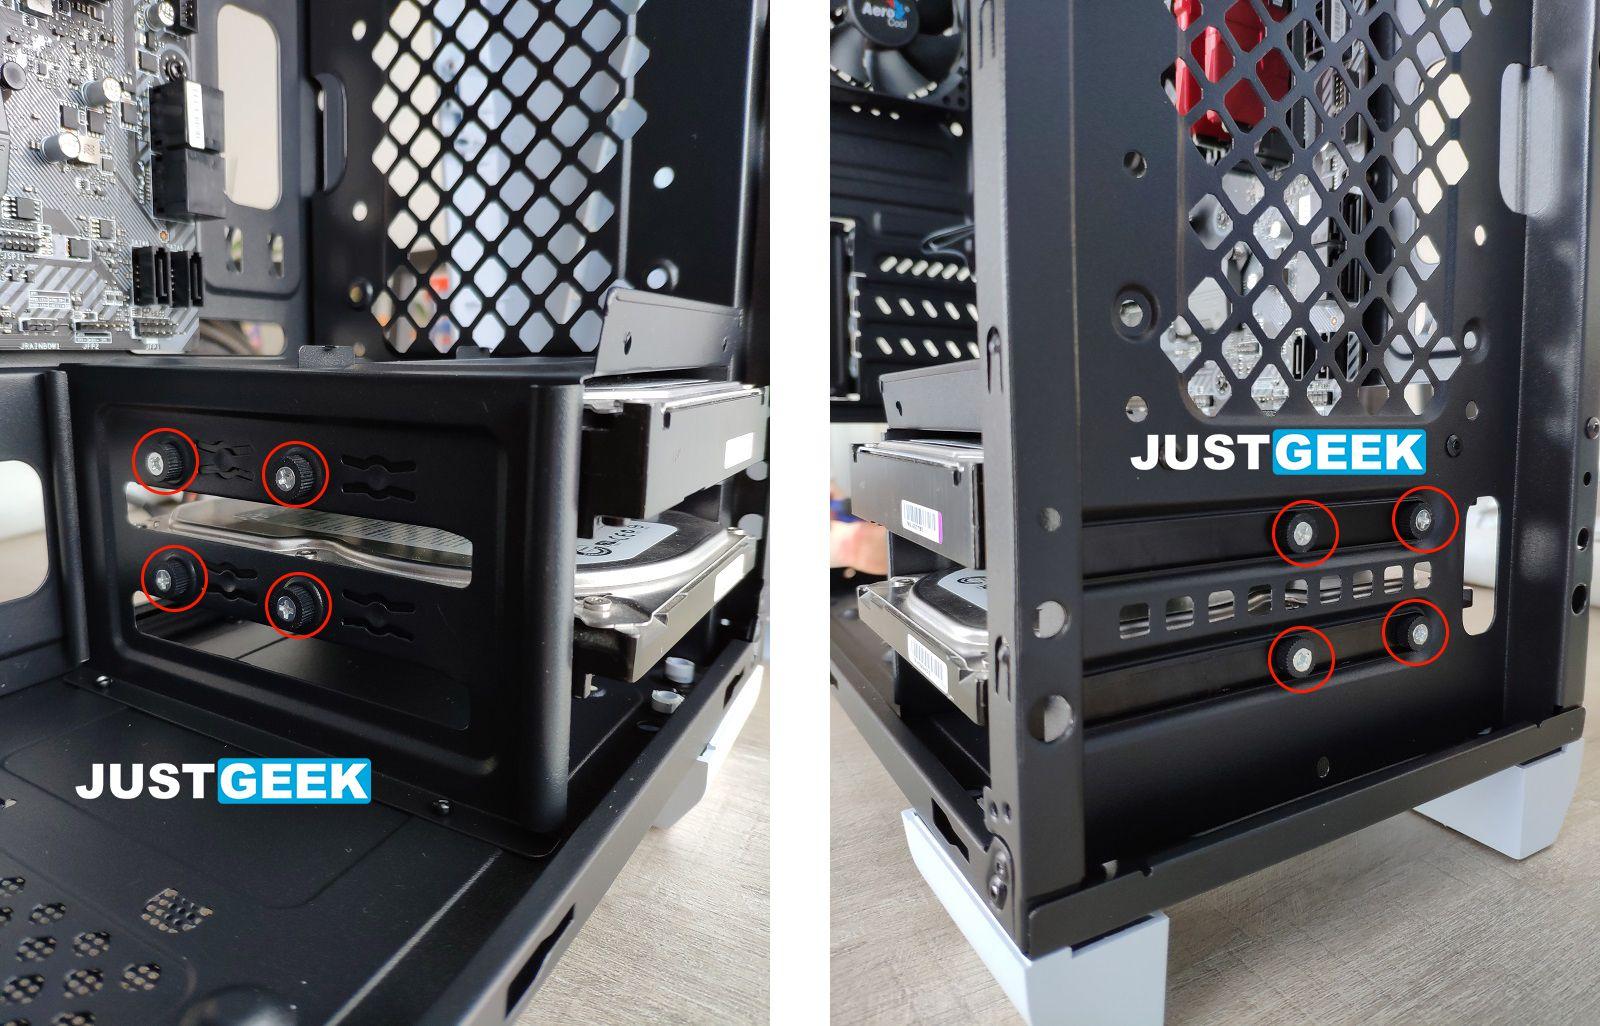 Tutoriel montage PC : Installer un disque dur dans un boîtier PC